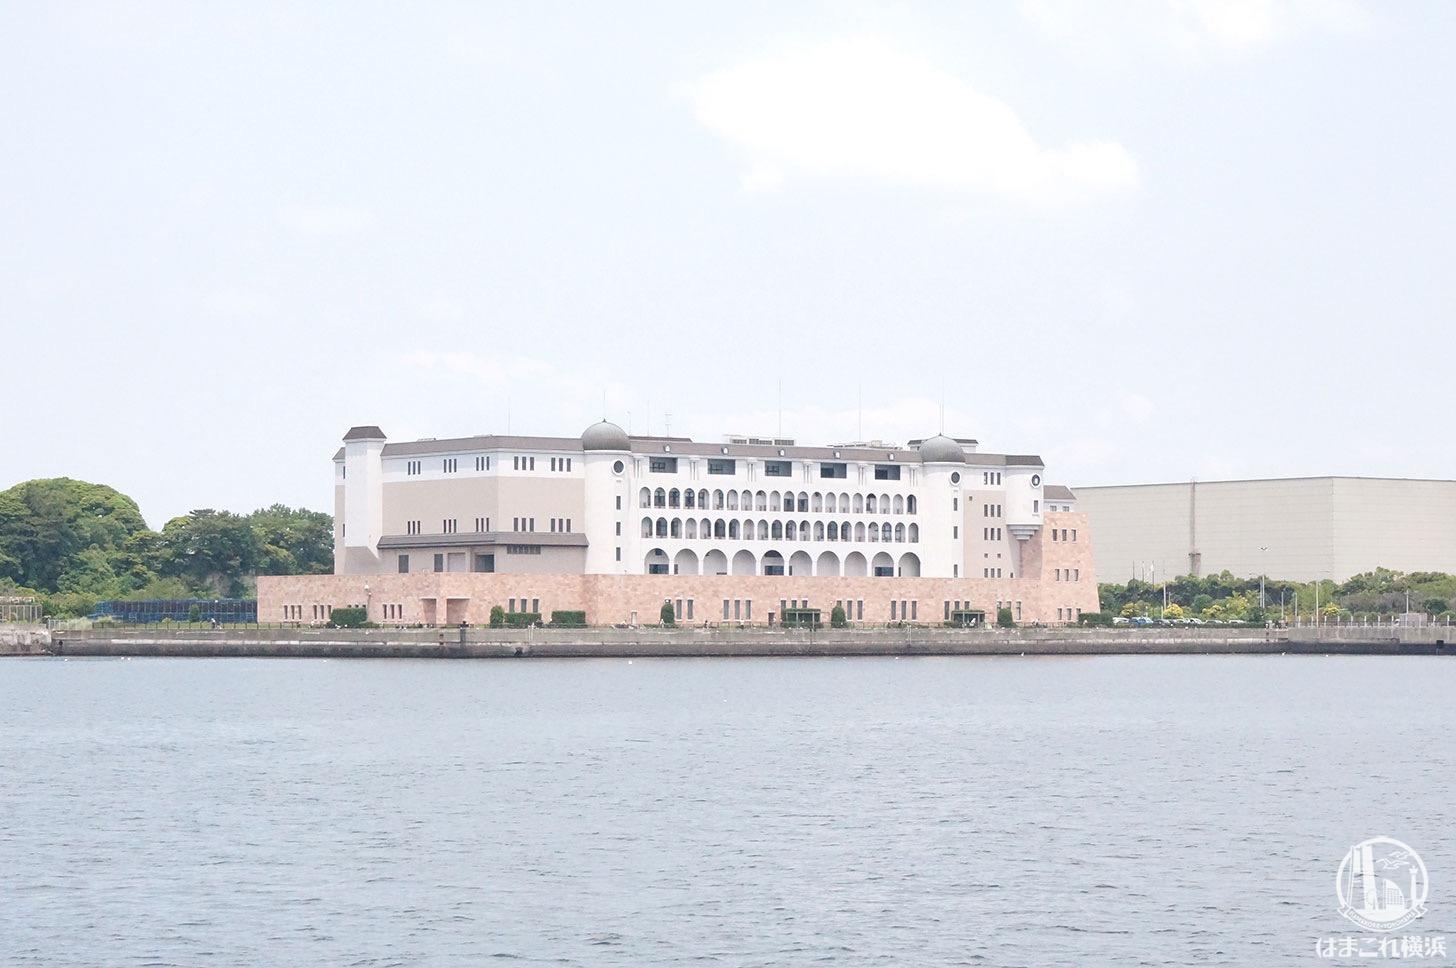 横須賀「軍港めぐり」ゴミ分別工場